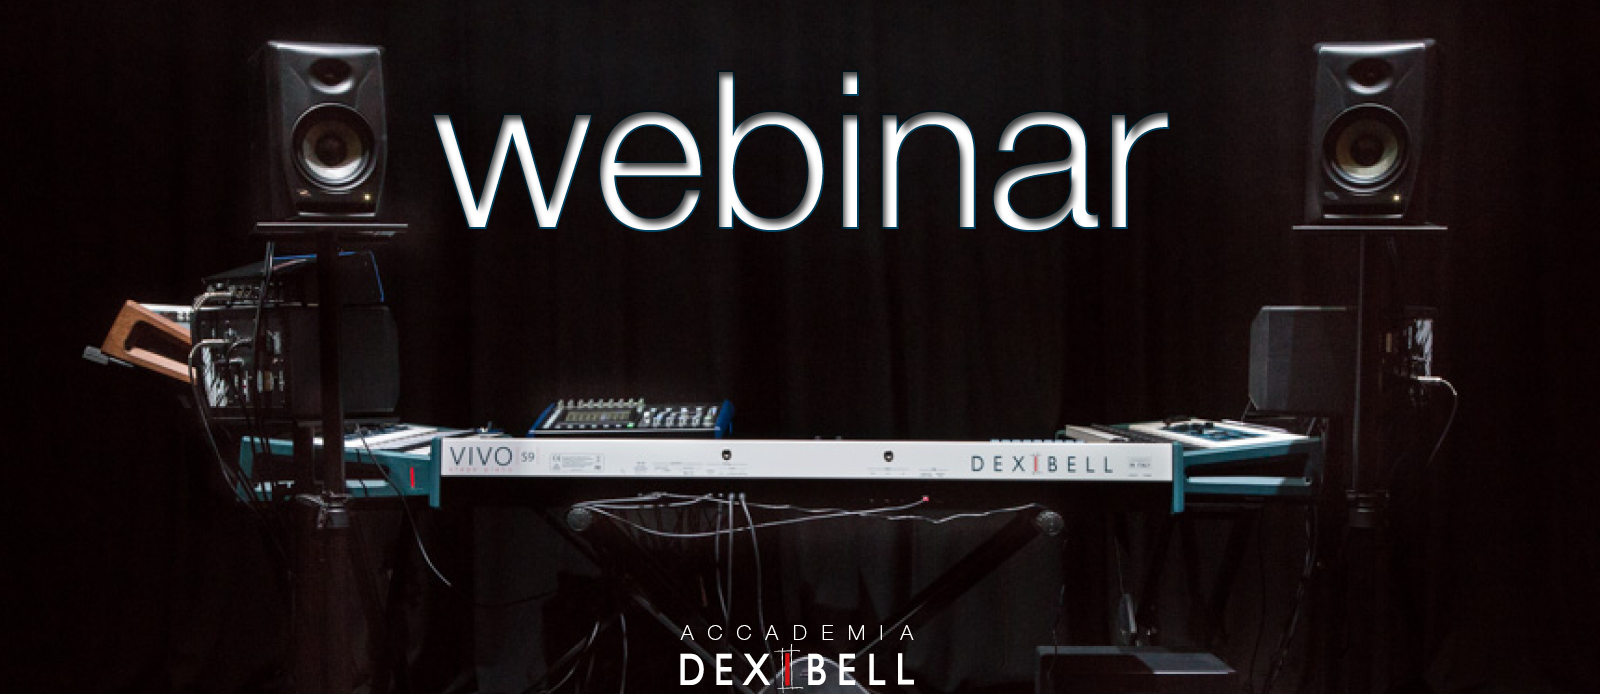 Dexibell Webinar